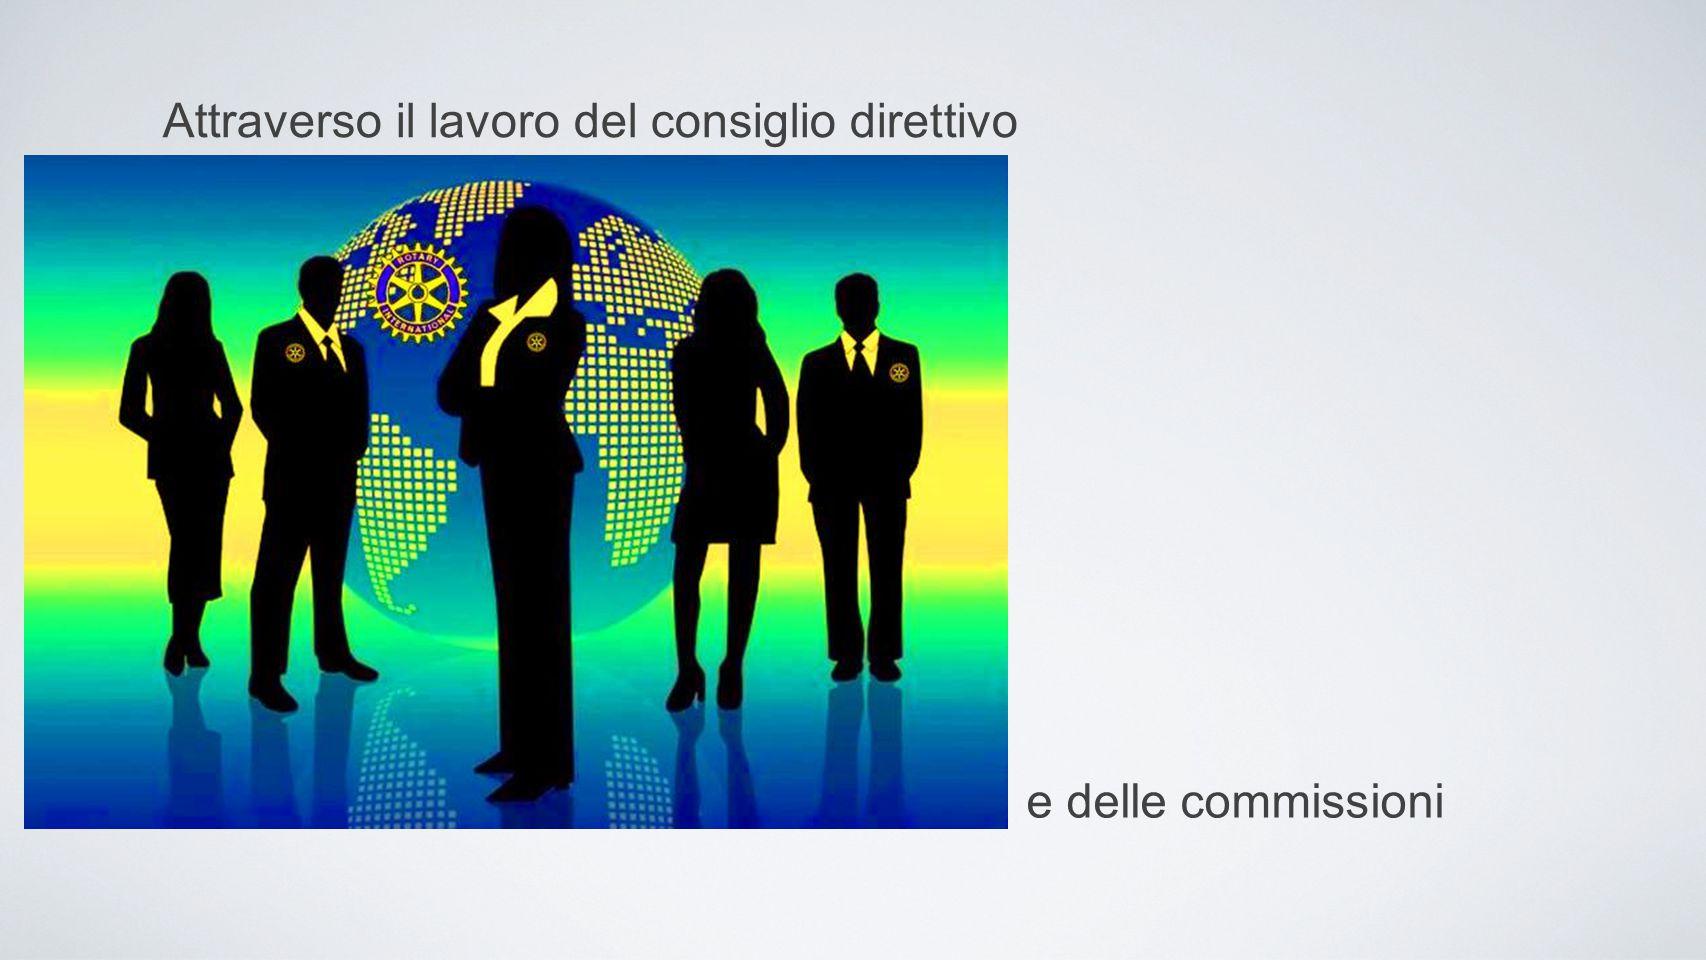 attraverso il lavoro del consiglio direttivo Attraverso il lavoro del consiglio direttivo e delle commissioni attraverso il lavoro del consiglio direttivo e delle commissioni